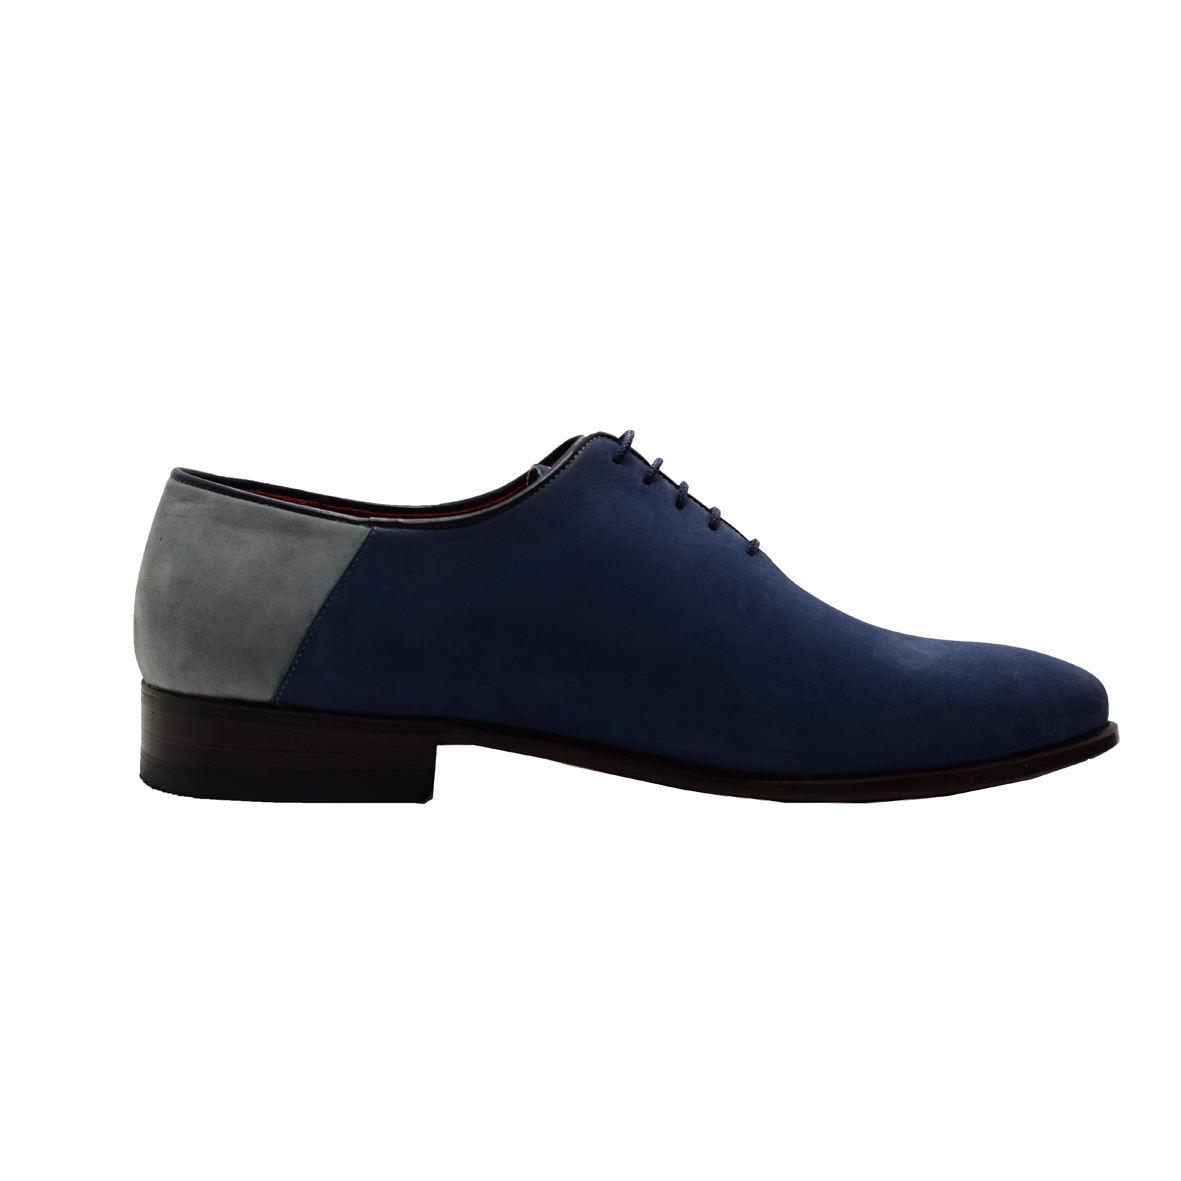 کفش مردانه دگرمان مدل آدر کد deg.2301-239 -  - 6